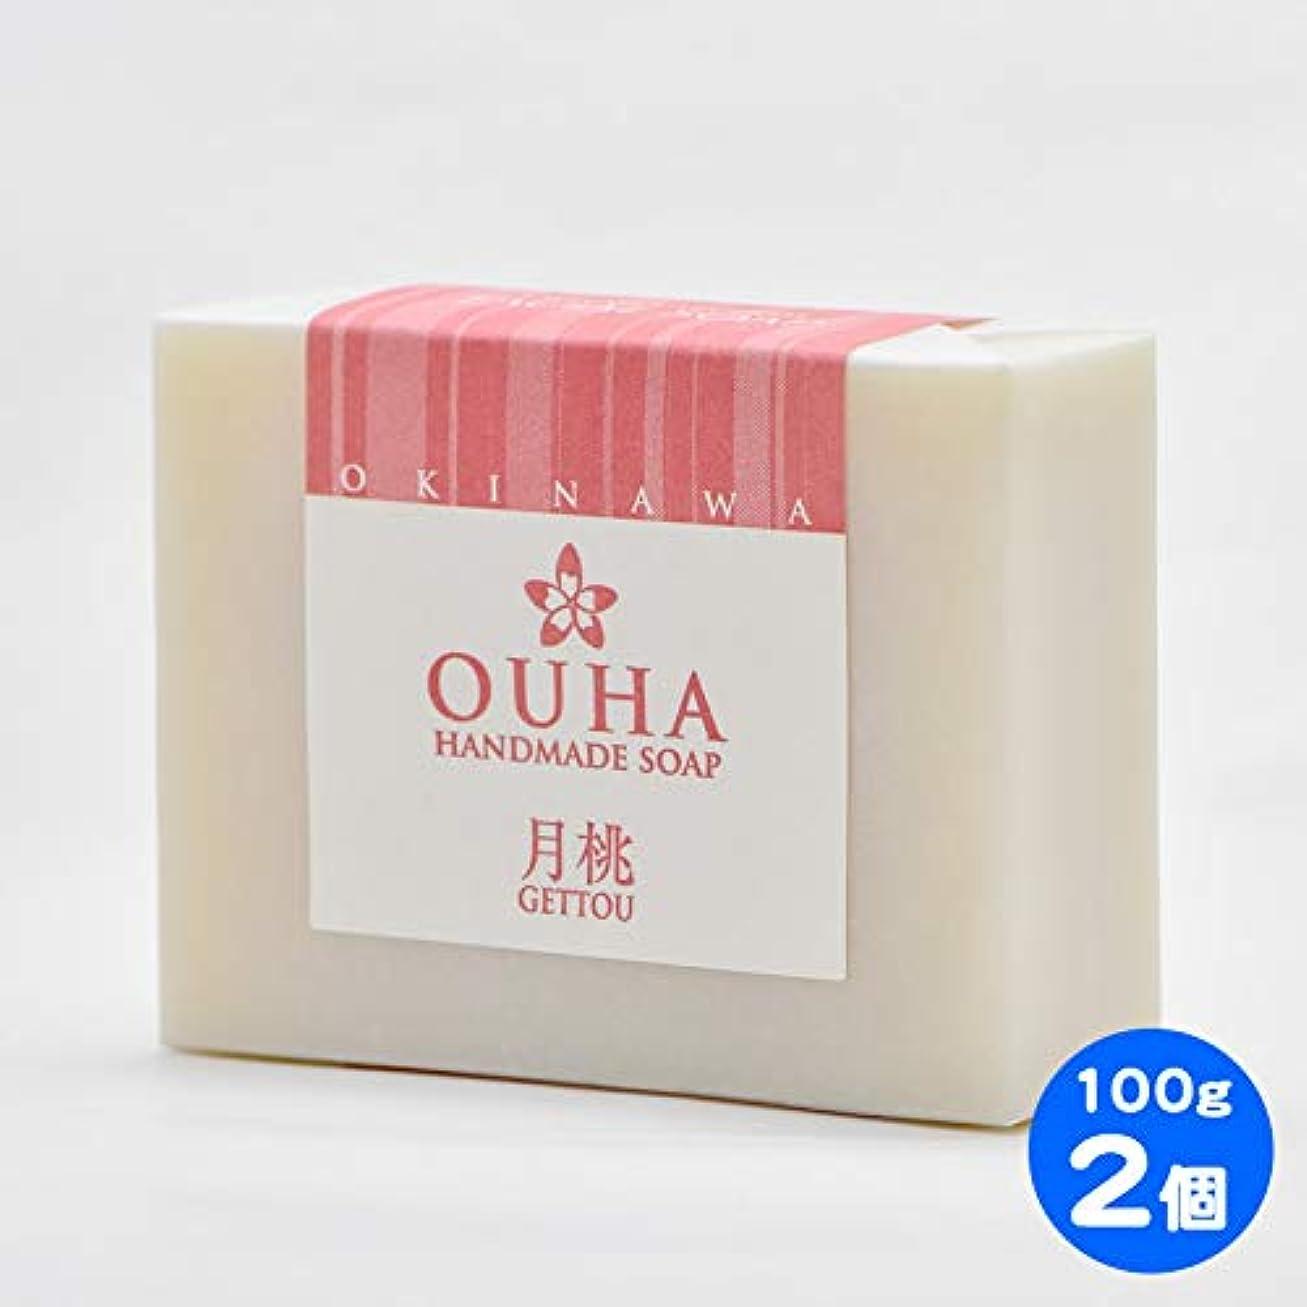 最小格納満足できる【送料無料 定形外郵便】沖縄県産 OUHAソープ 月桃 石鹸 100g 2個セット